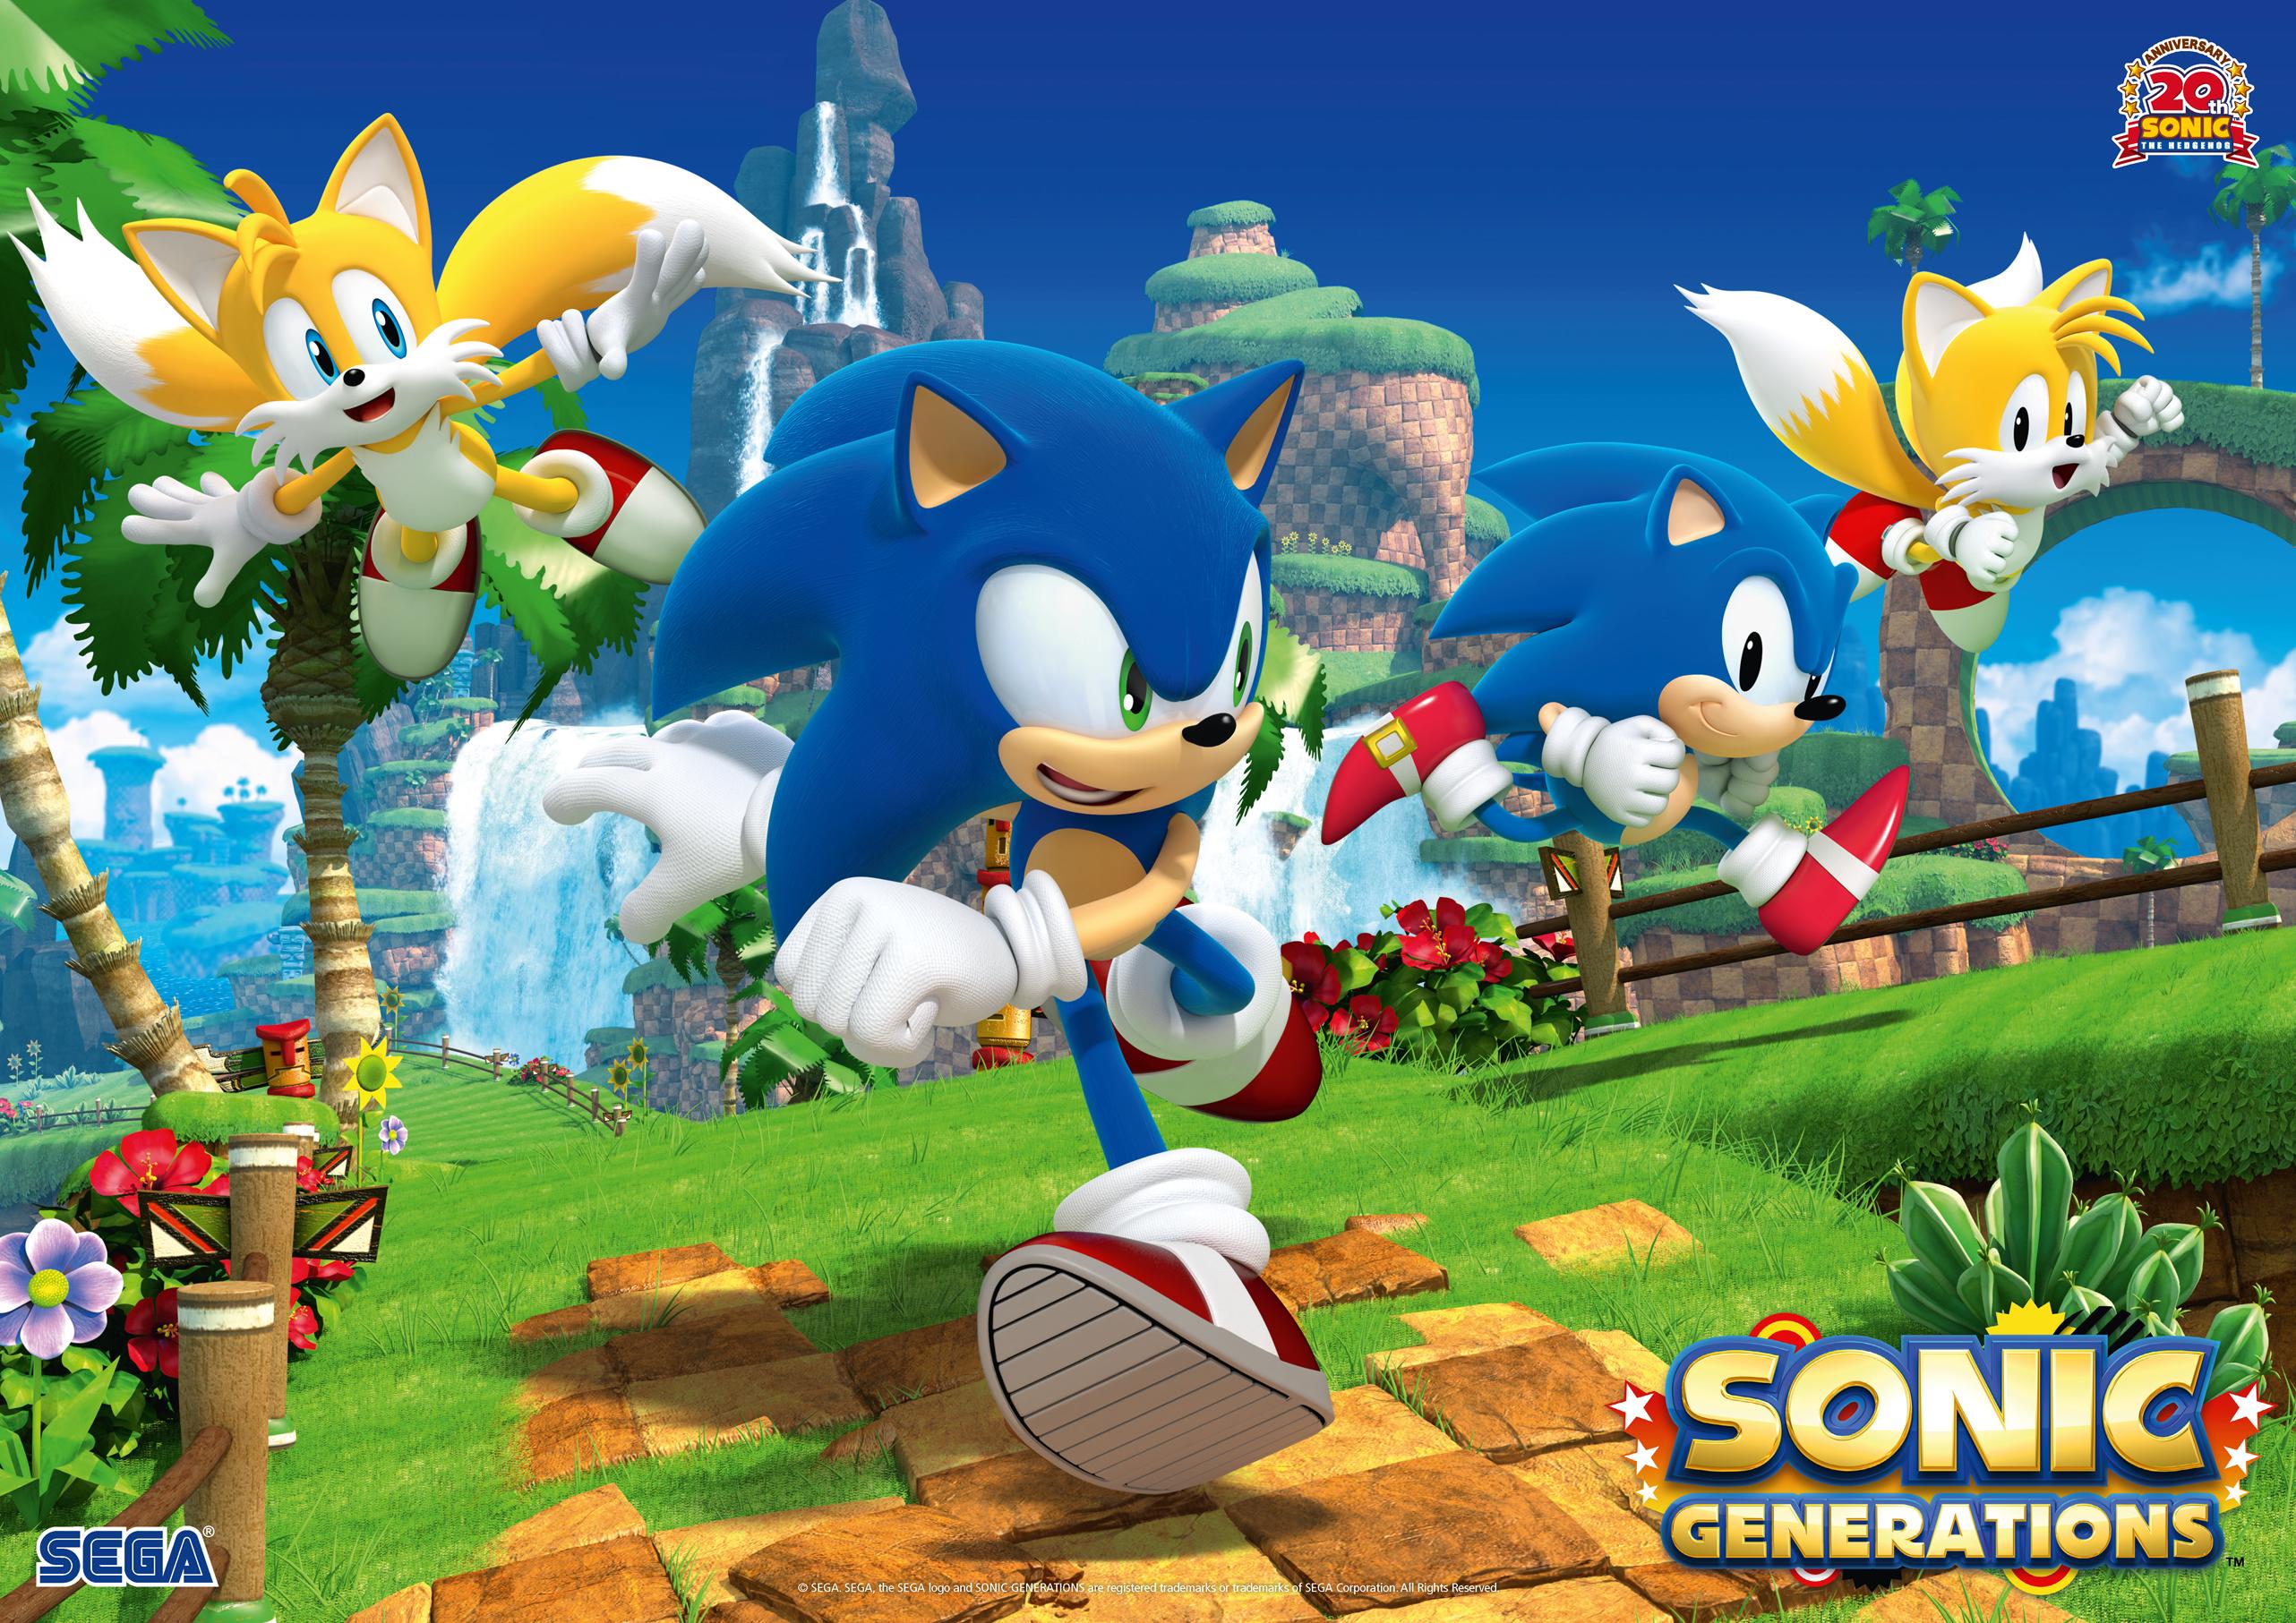 Sonic Generations Wallpaper HD - WallpaperSafari